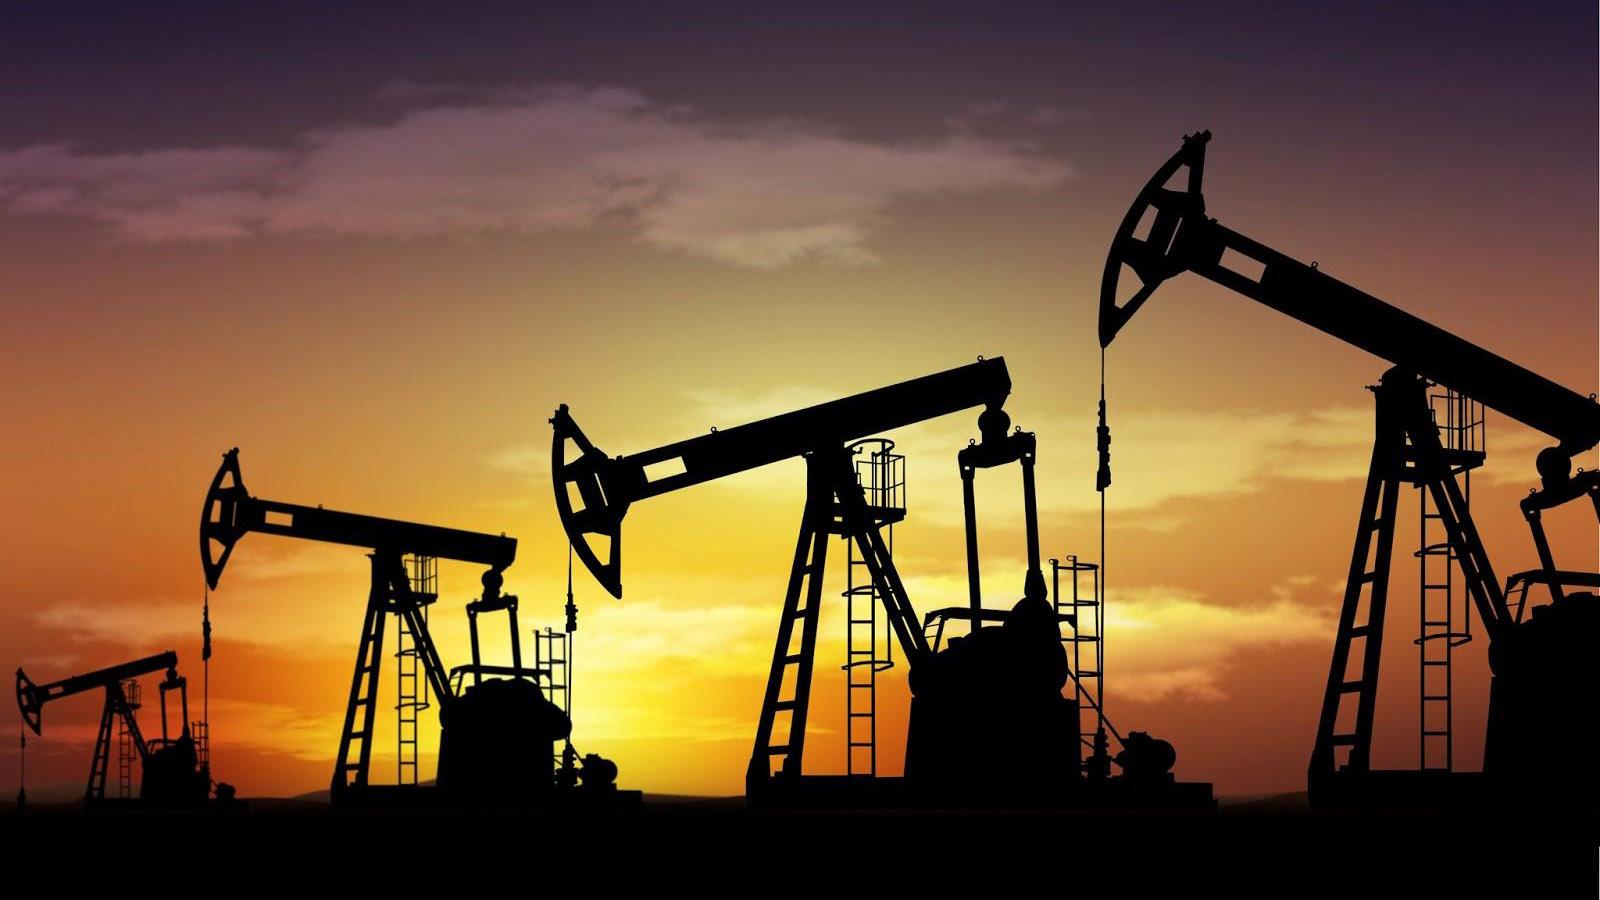 La producción de tan solo un millón de barriles al día (mb/d) servirá para equilibrar el mercado de crudo